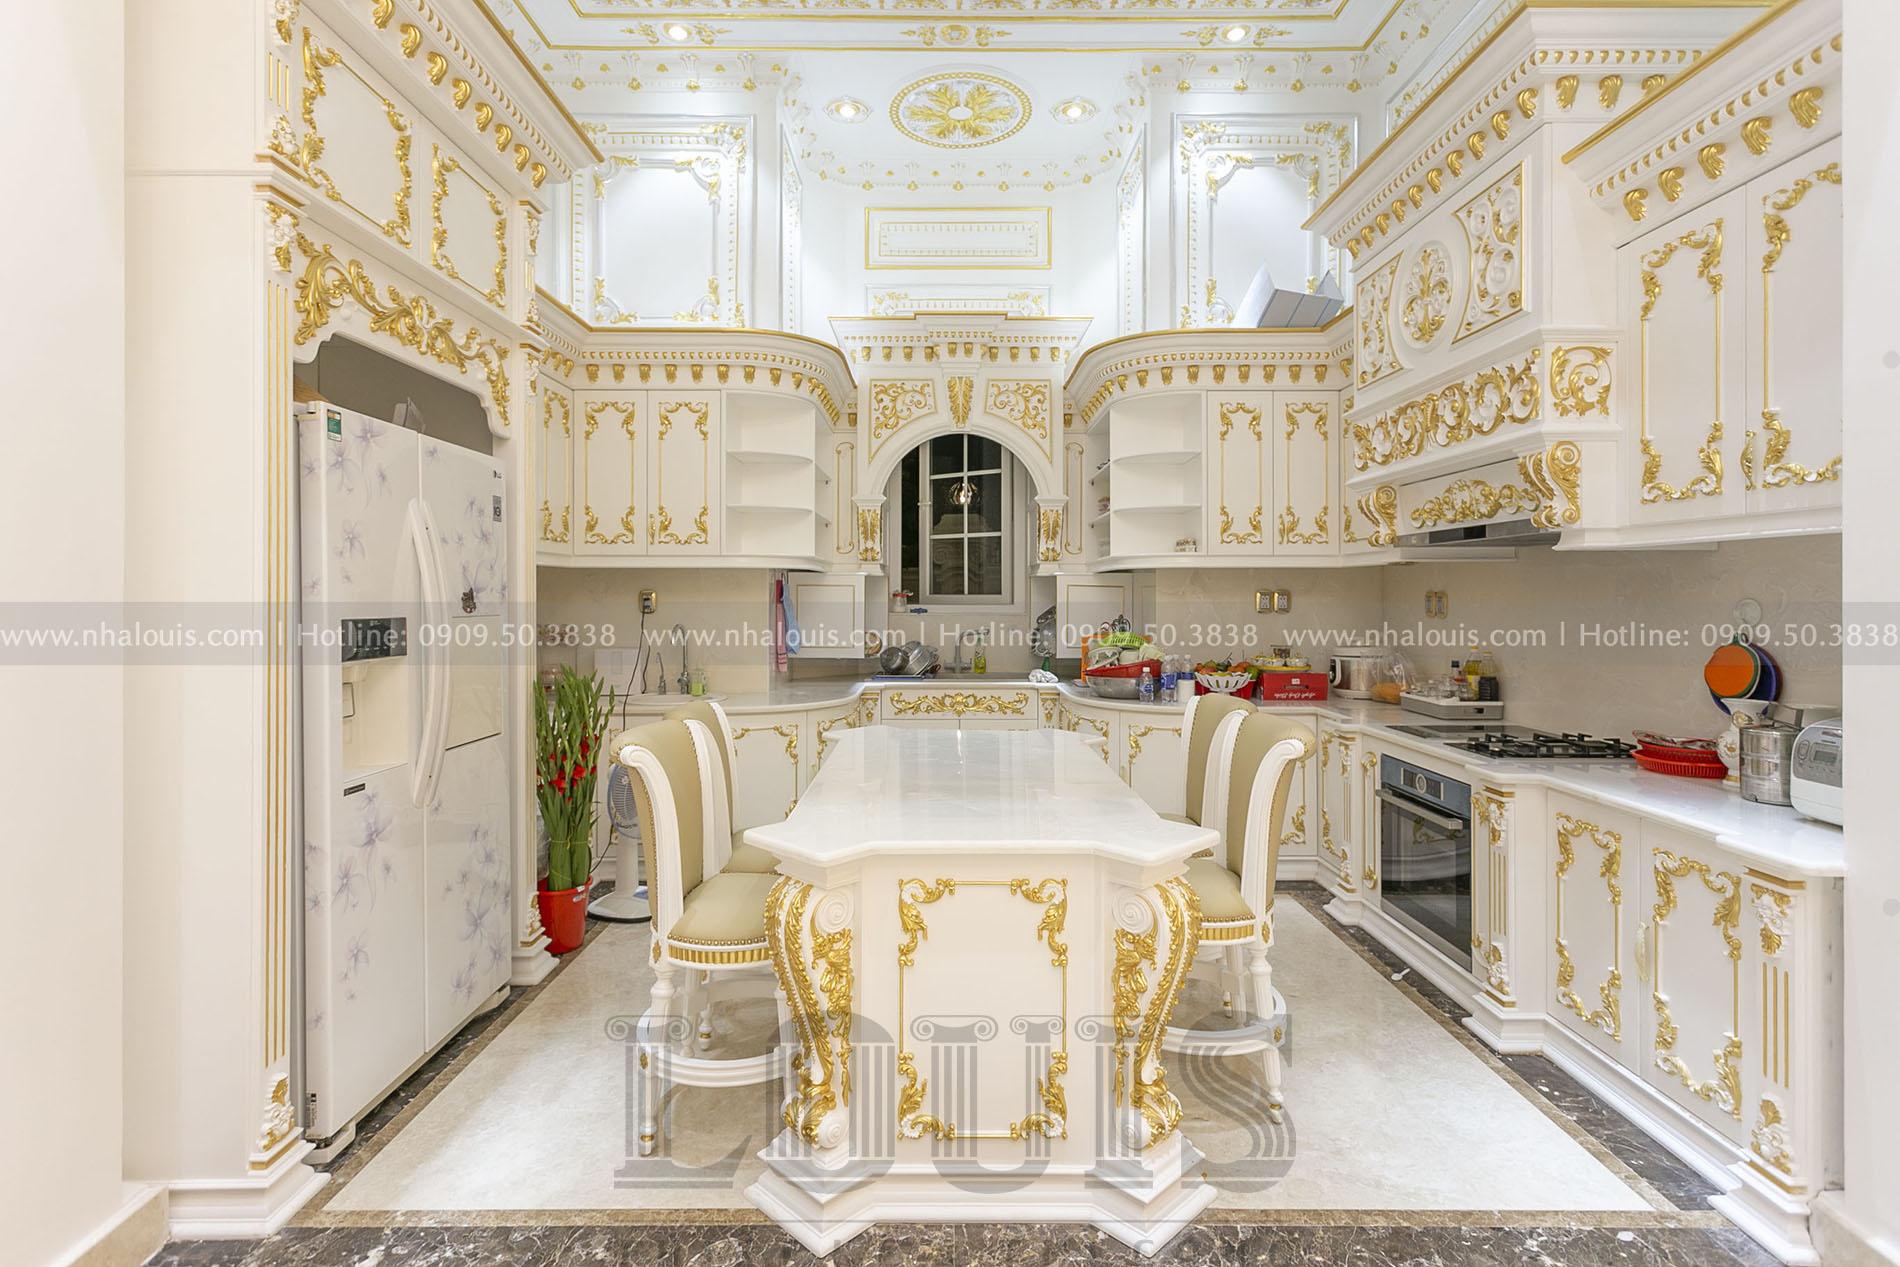 Phòng bếp cổ điển biệt thự Nhà Bè